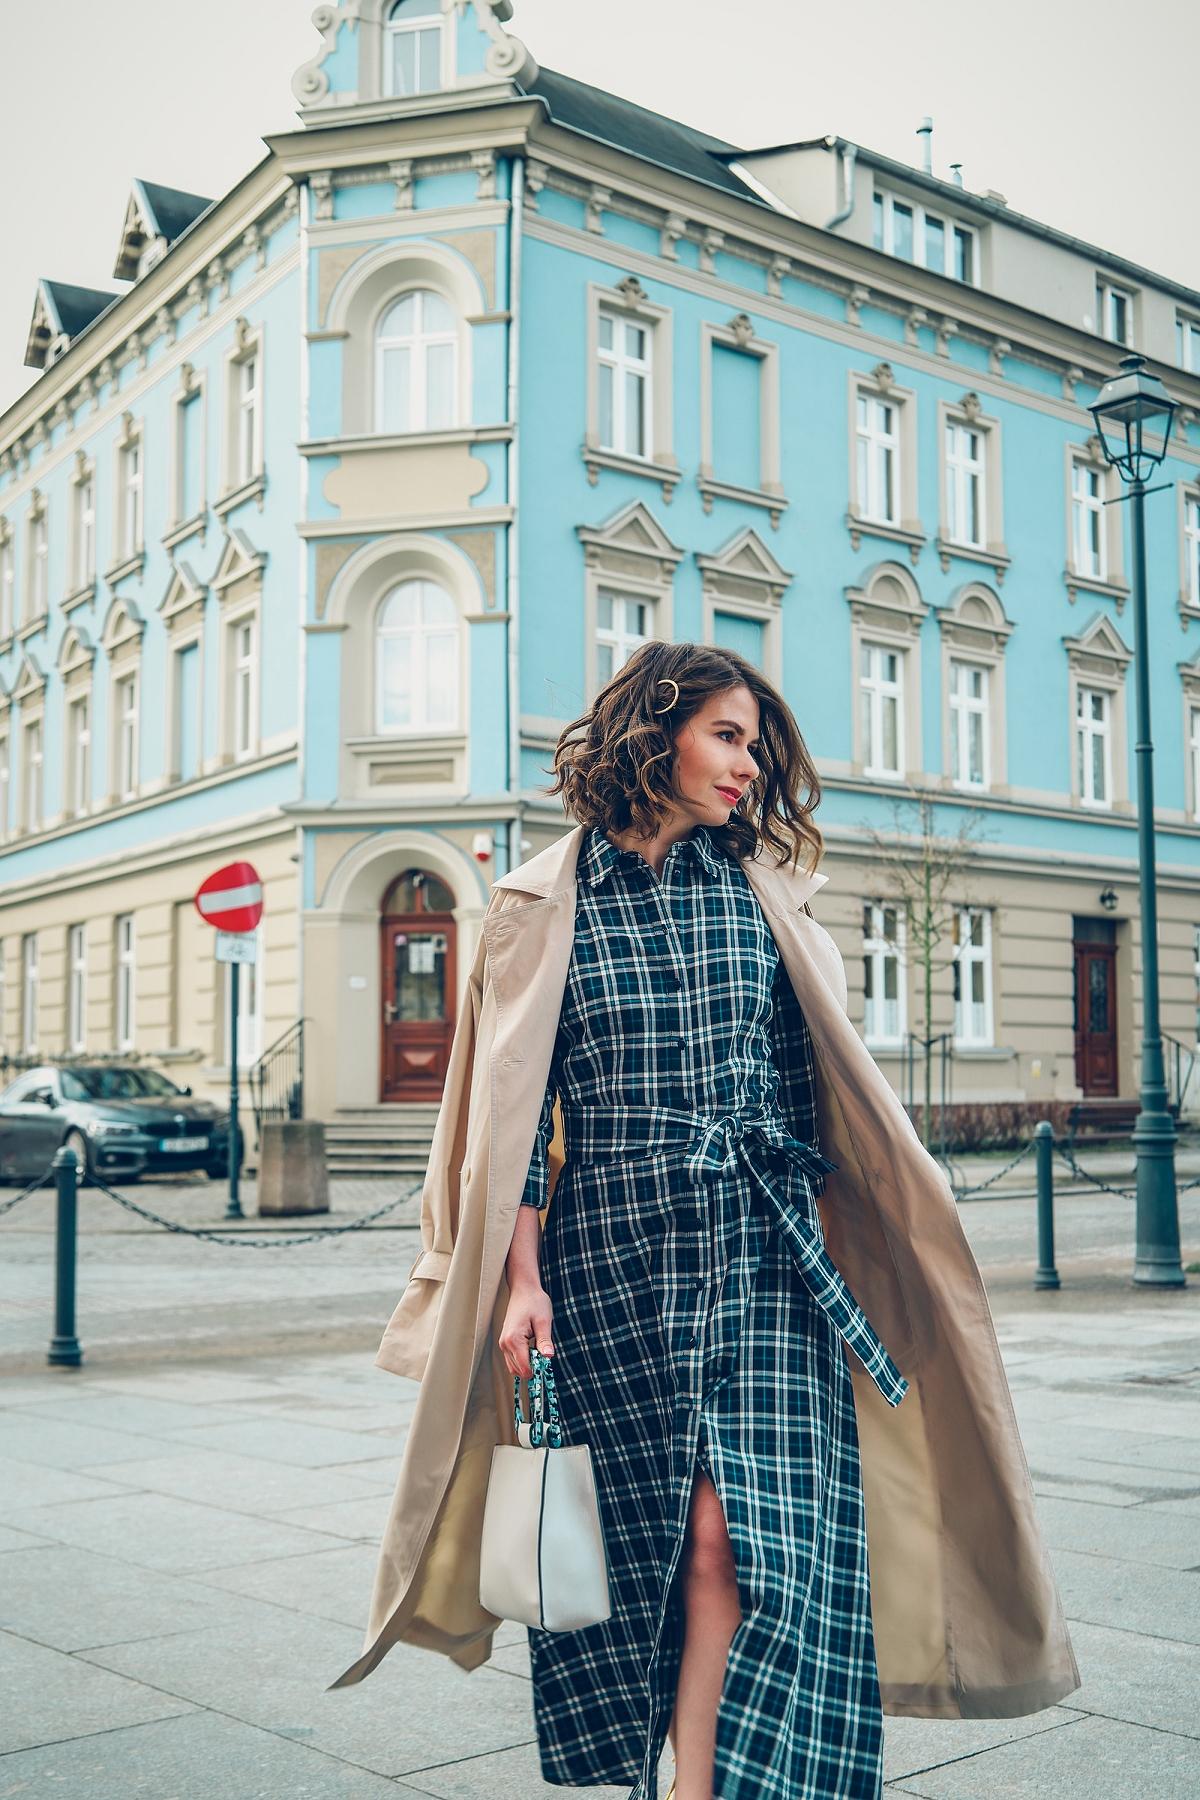 szmizjerka w krate orsay blog modowy street style gdansk wiosenna stylizacja